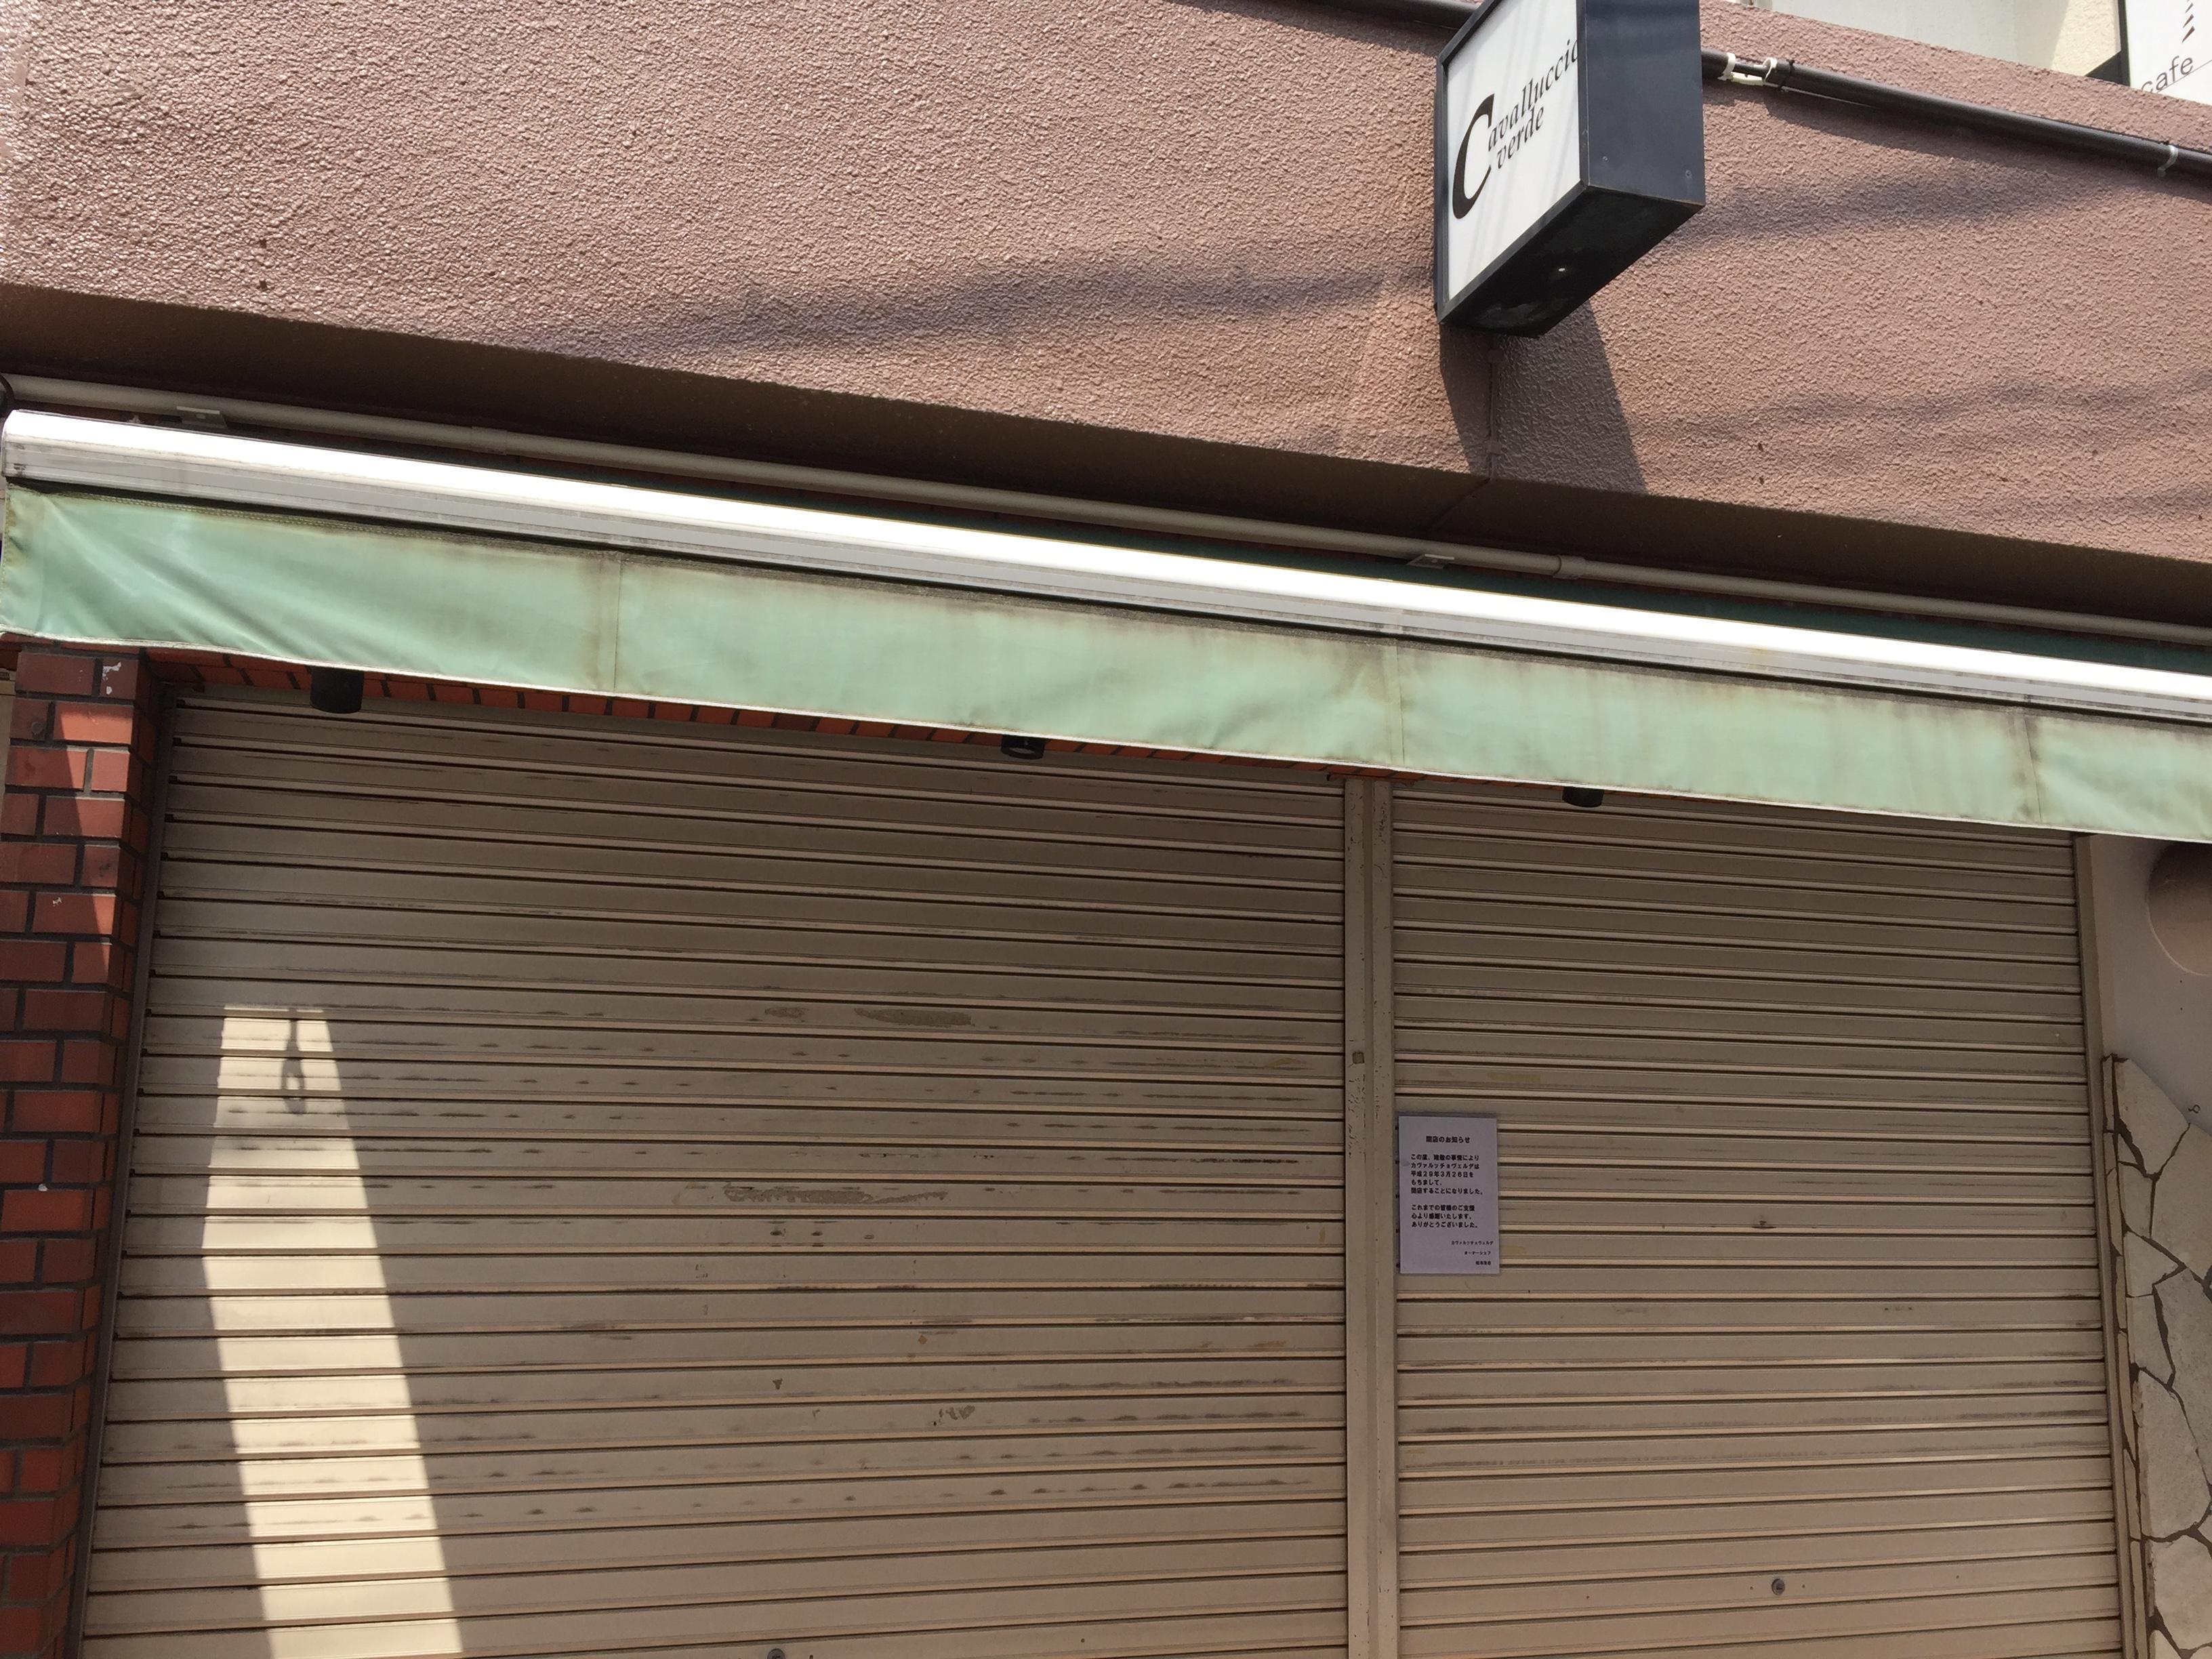 阪急岡本のカジュアルイタリアン「カバルッチョベルデ (cavalluccio verde)」が3/26で閉店したよ【閉店のお知らせ】